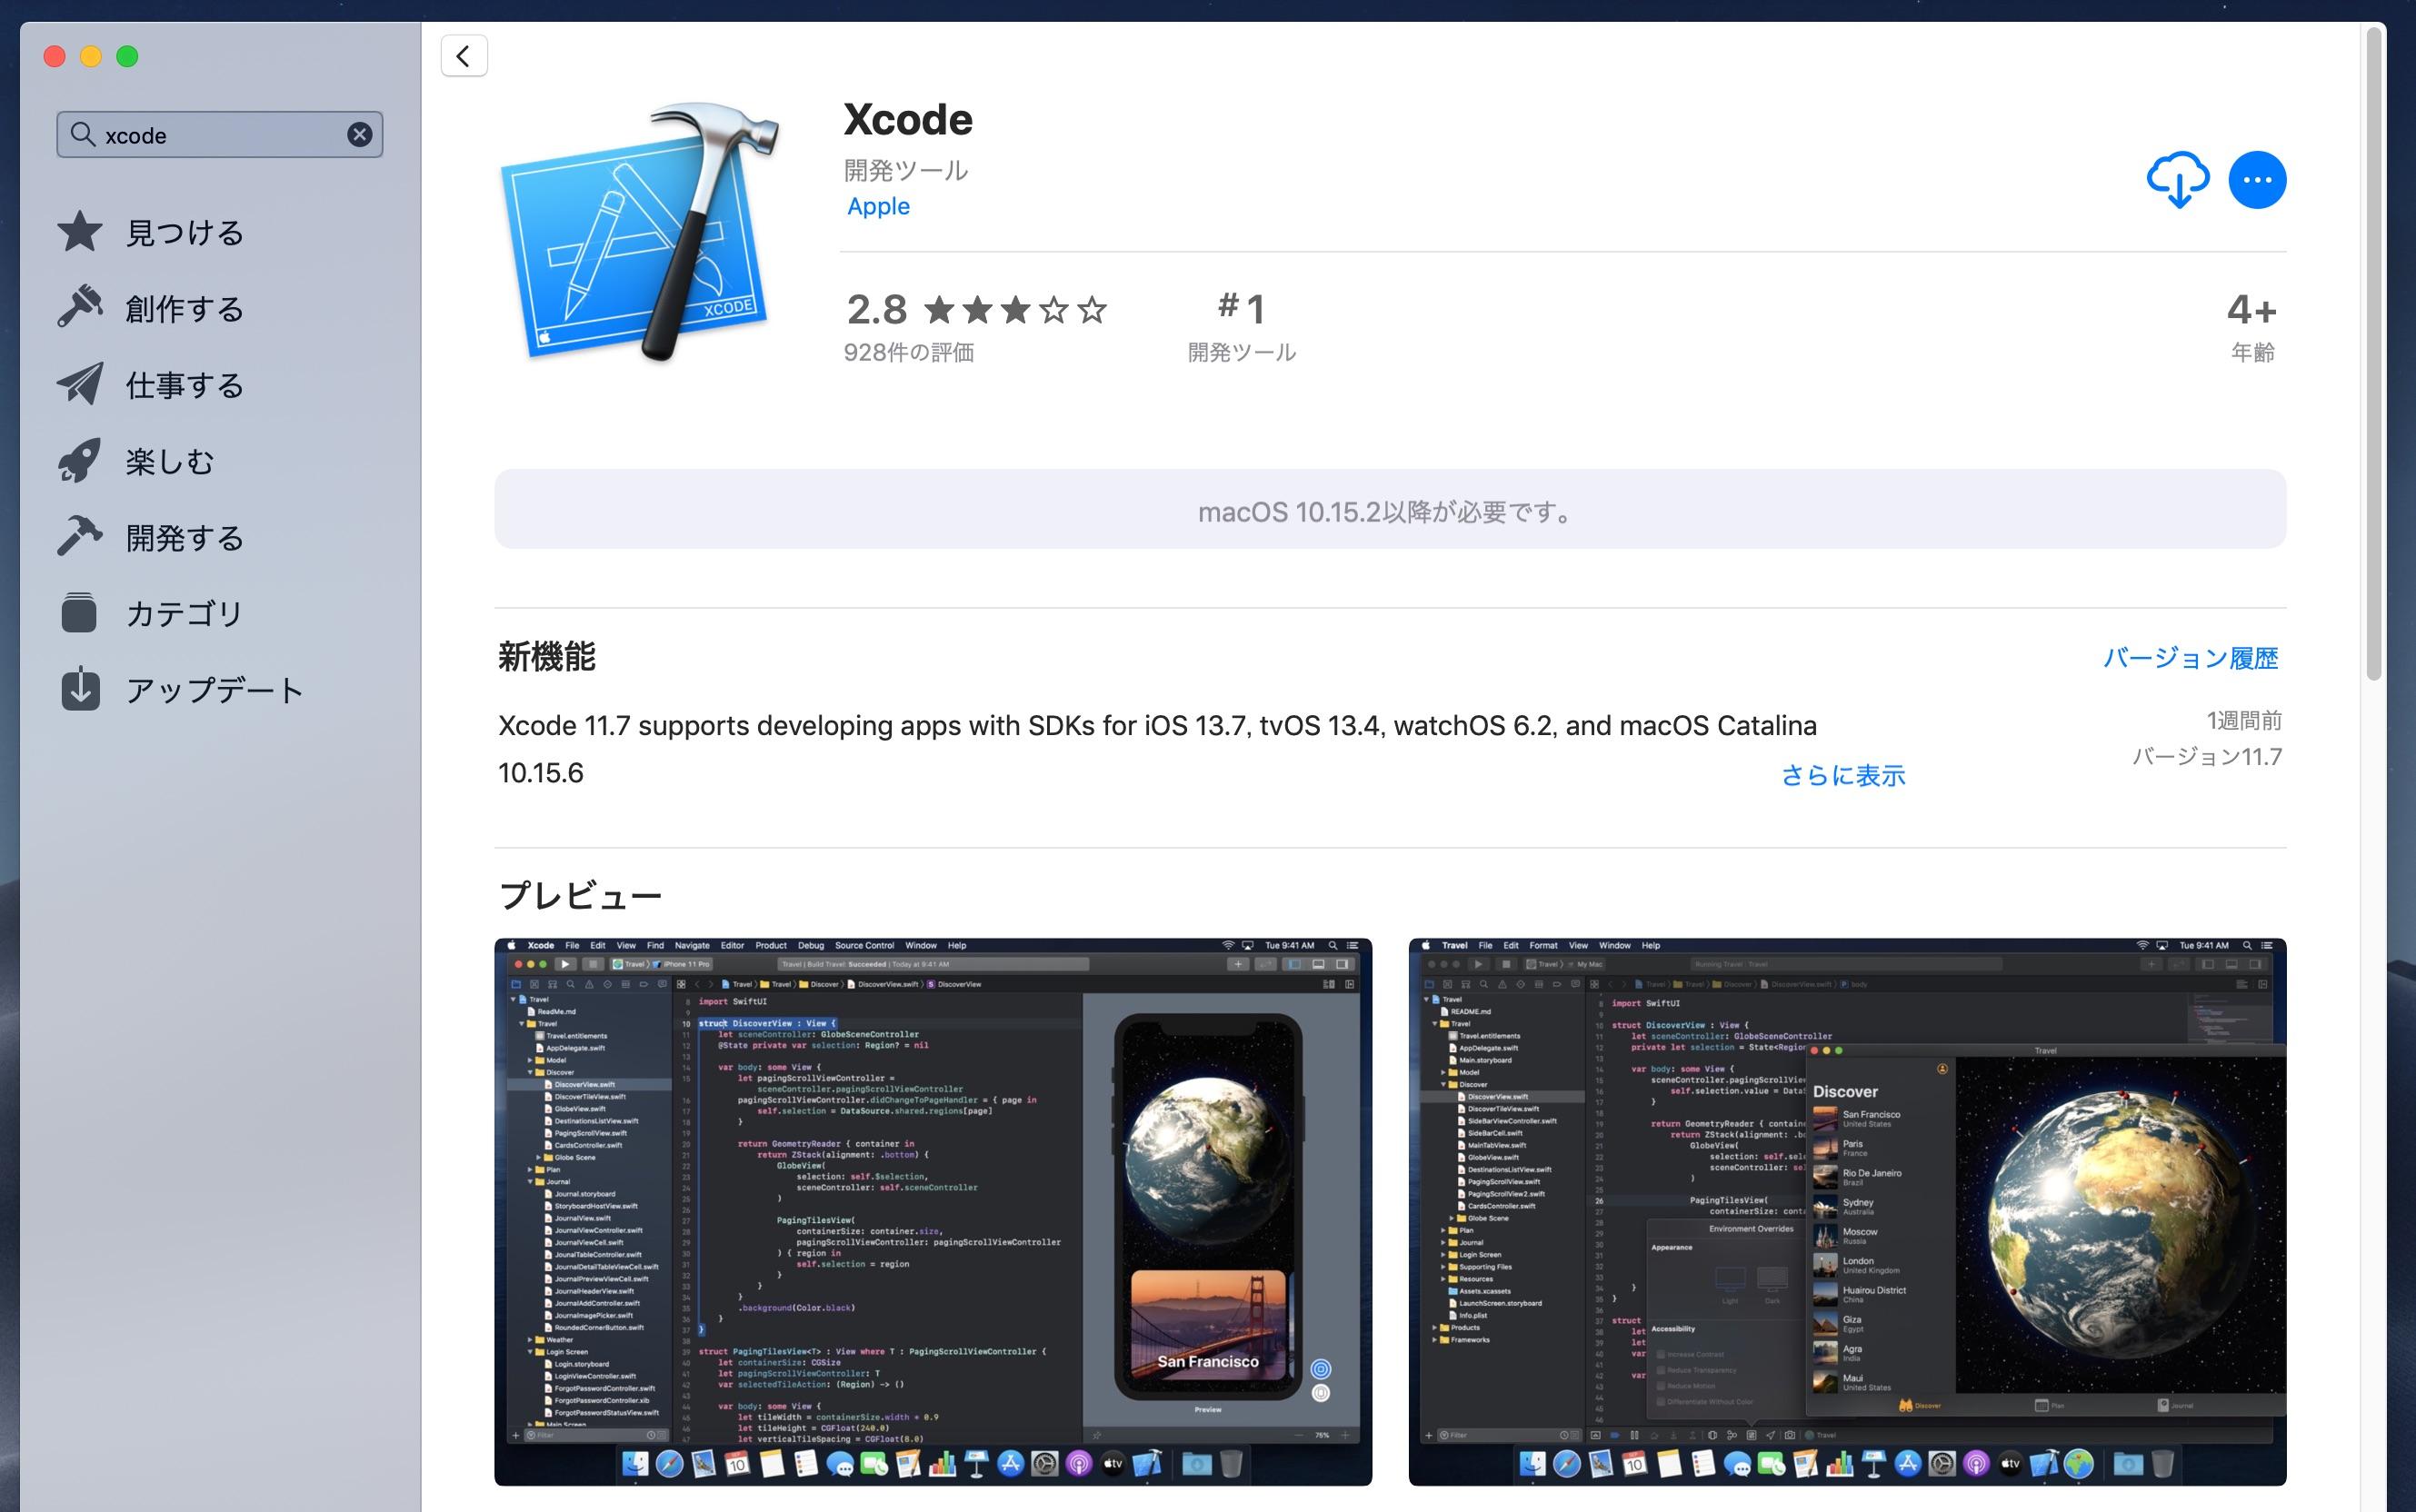 Xcodeの過去のバージョンをダウンロードして使用する方法